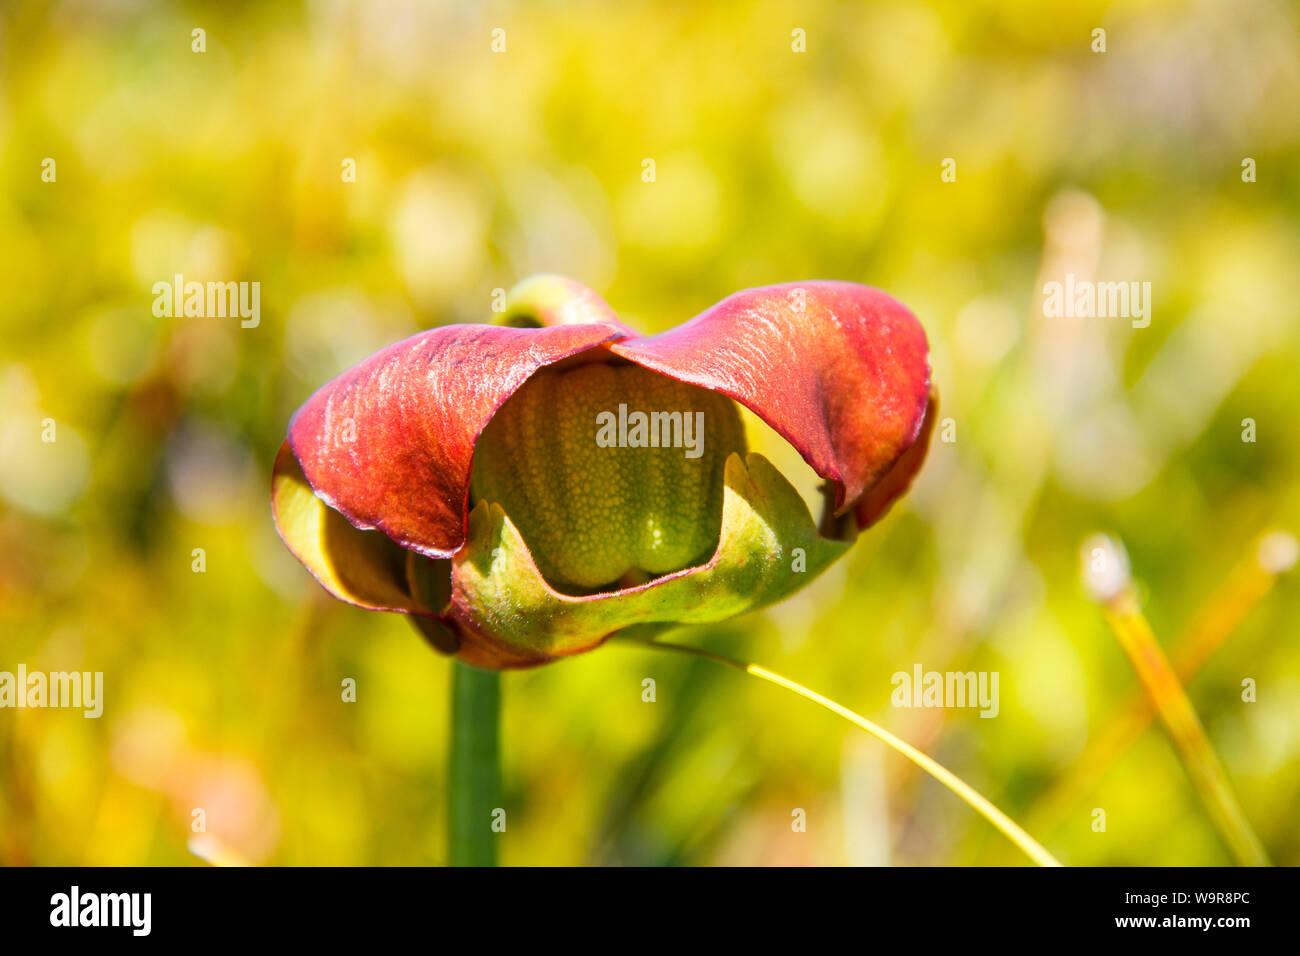 Sarracénie pourpre, parc national Kejimkujik Kejimkujik Bord, Nationalpark, Nouvelle-Écosse, Canada, (Sarracenia purpurea) Banque D'Images